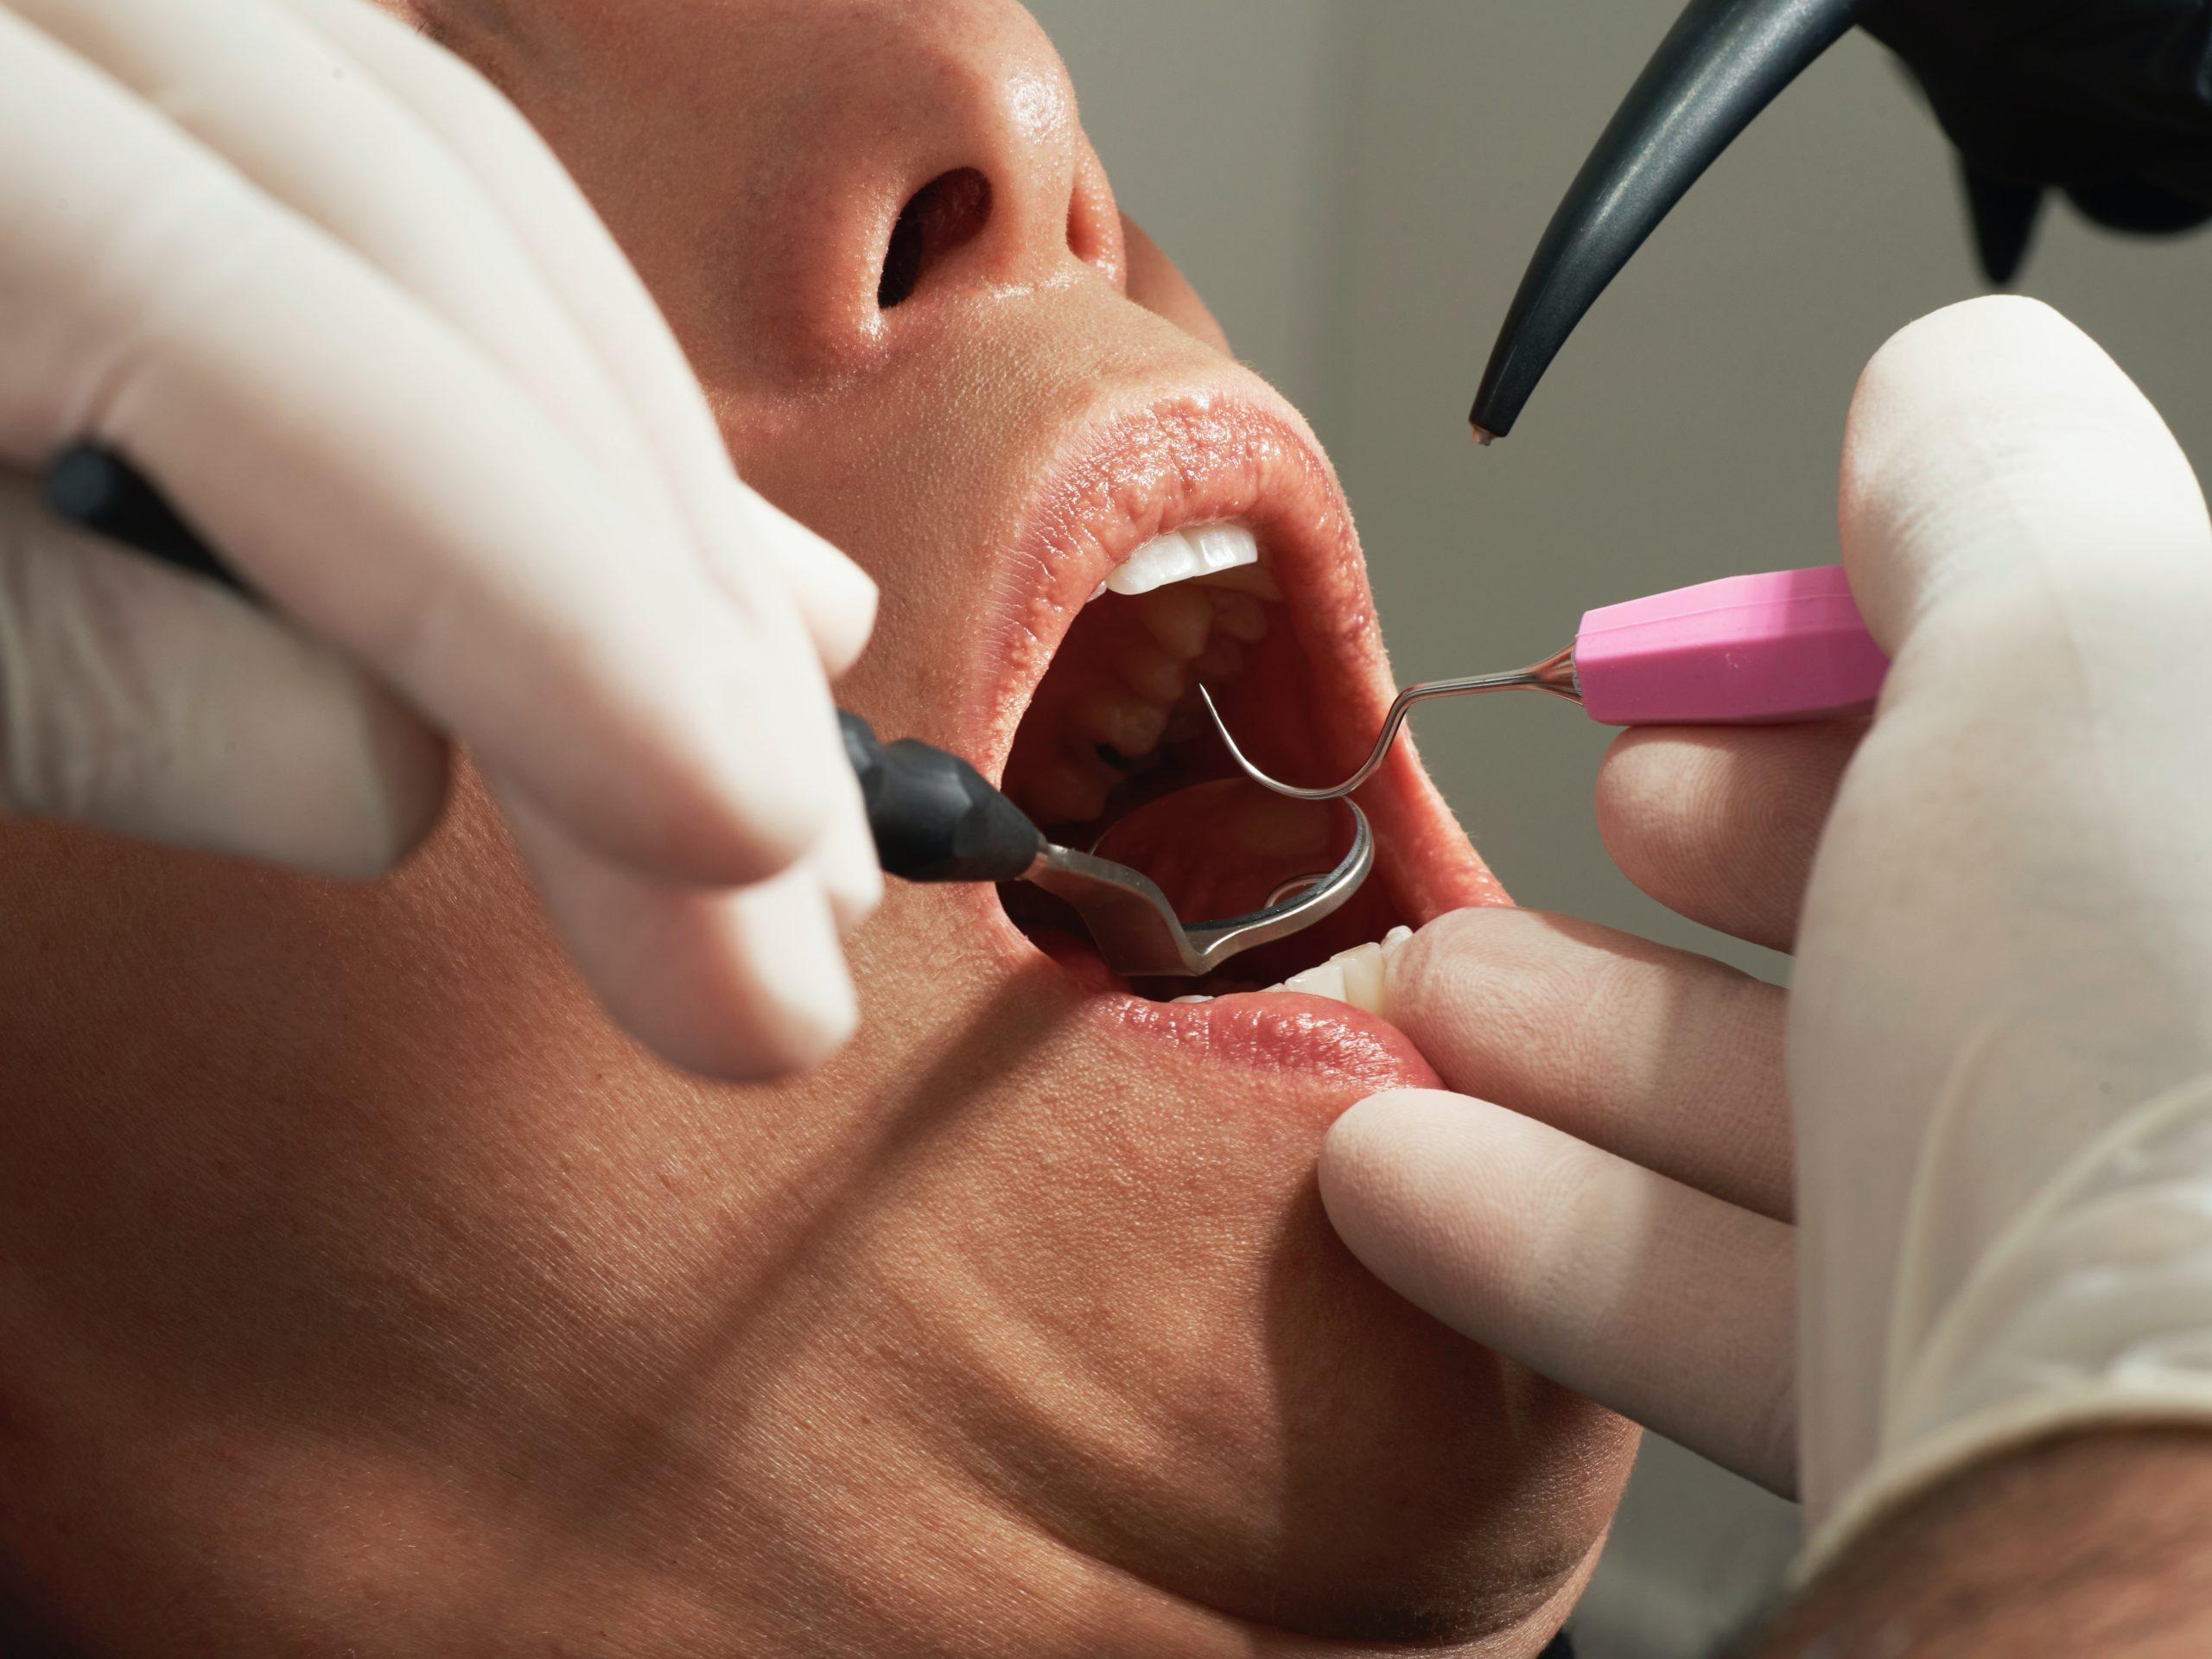 «Διάχυτη αγανάκτηση» των οδοντιάτρων: Rapid test για εμβολιασμένους – Αρνητικό μοριακό για τους ανεμβολίαστους (video)